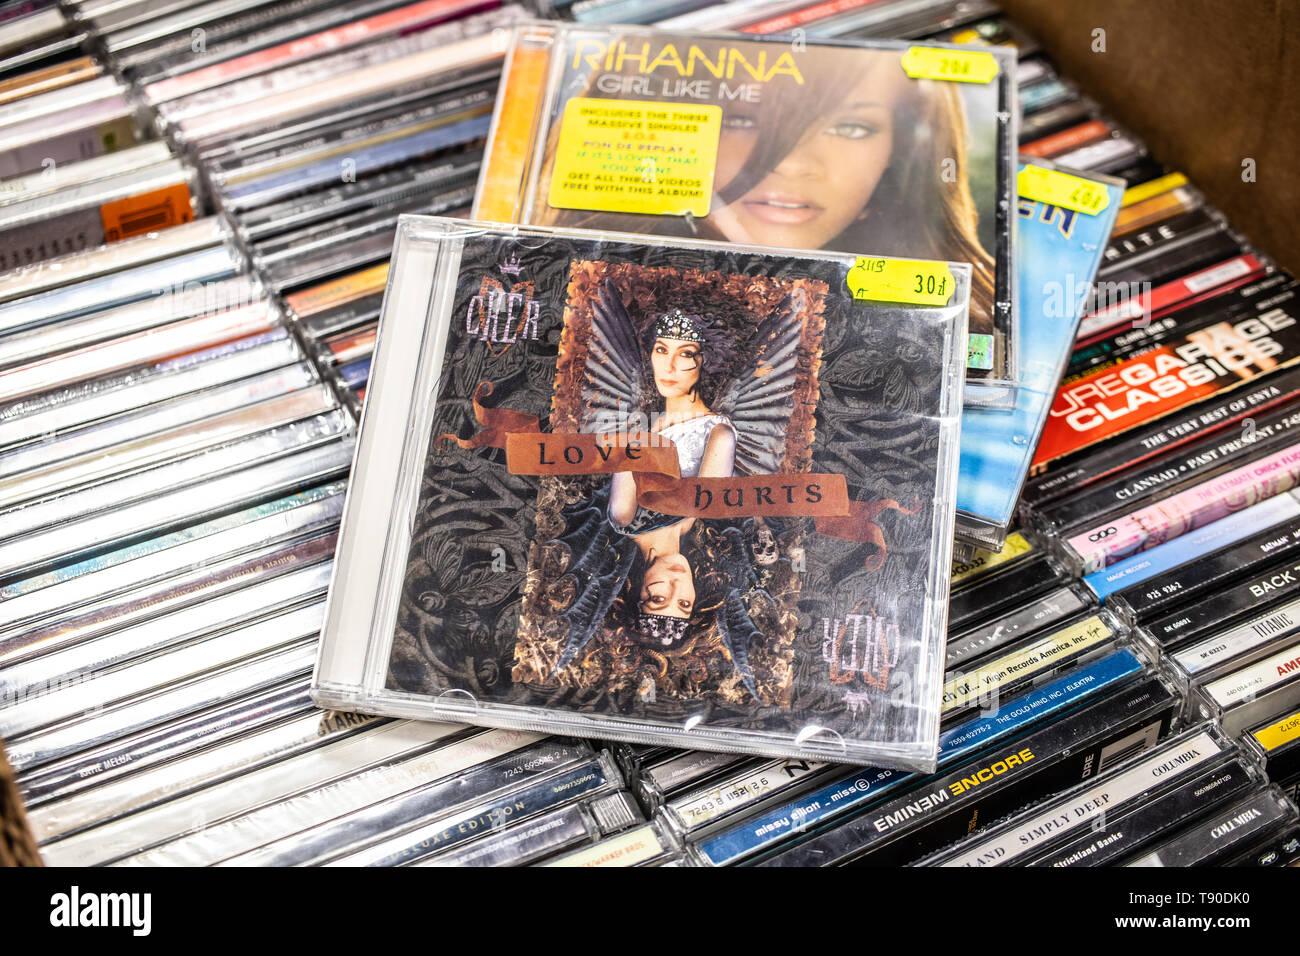 Corato, Polen, 11. Mai 2019: Cher CD Album Love Hurts 1991 auf Anzeige für Verkauf, der berühmte amerikanische Sängerin, Schauspielerin, Sammlung von CD-Musik Alben Stockfoto